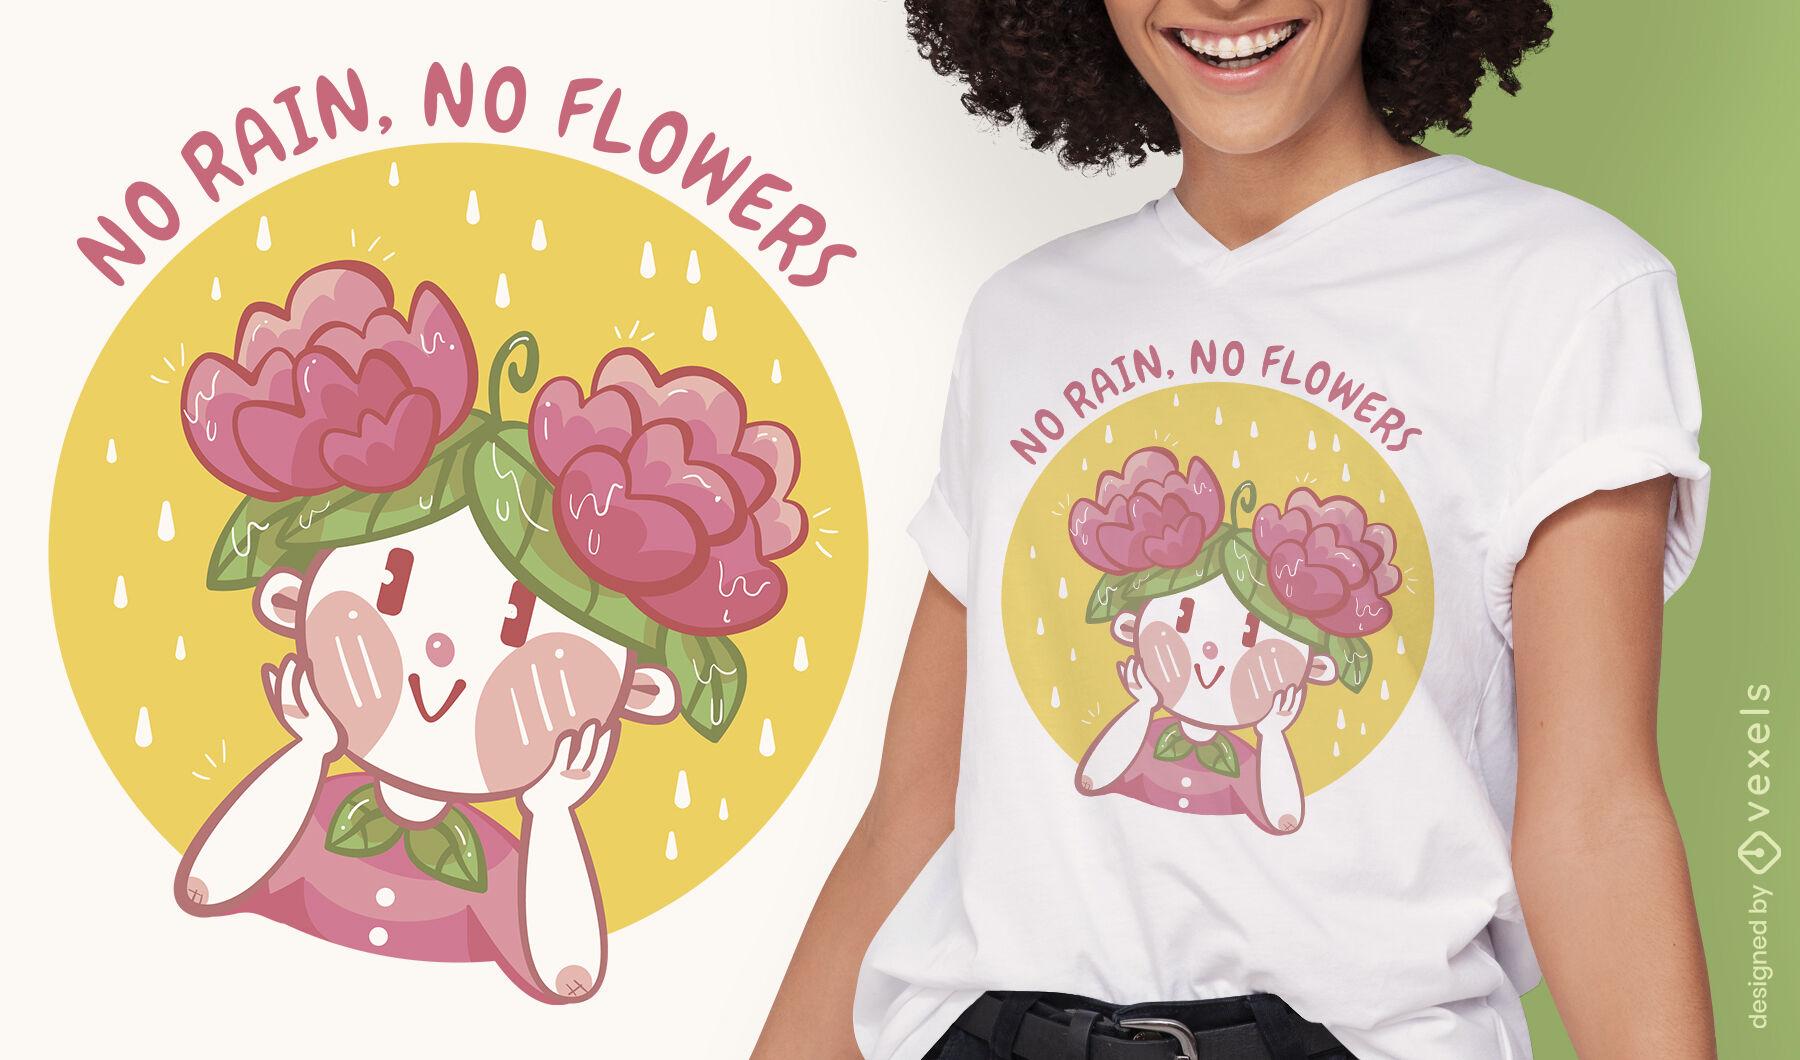 Diseño de camiseta sin flores sin lluvia.